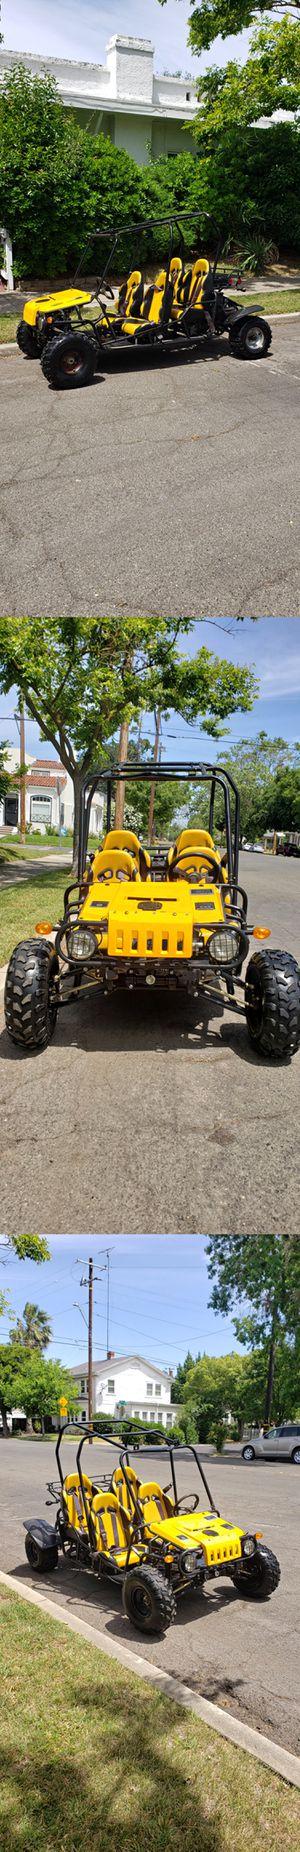 150 cc // Go Kart // PLEASE READ DESCRIPTION for Sale in Stockton, CA